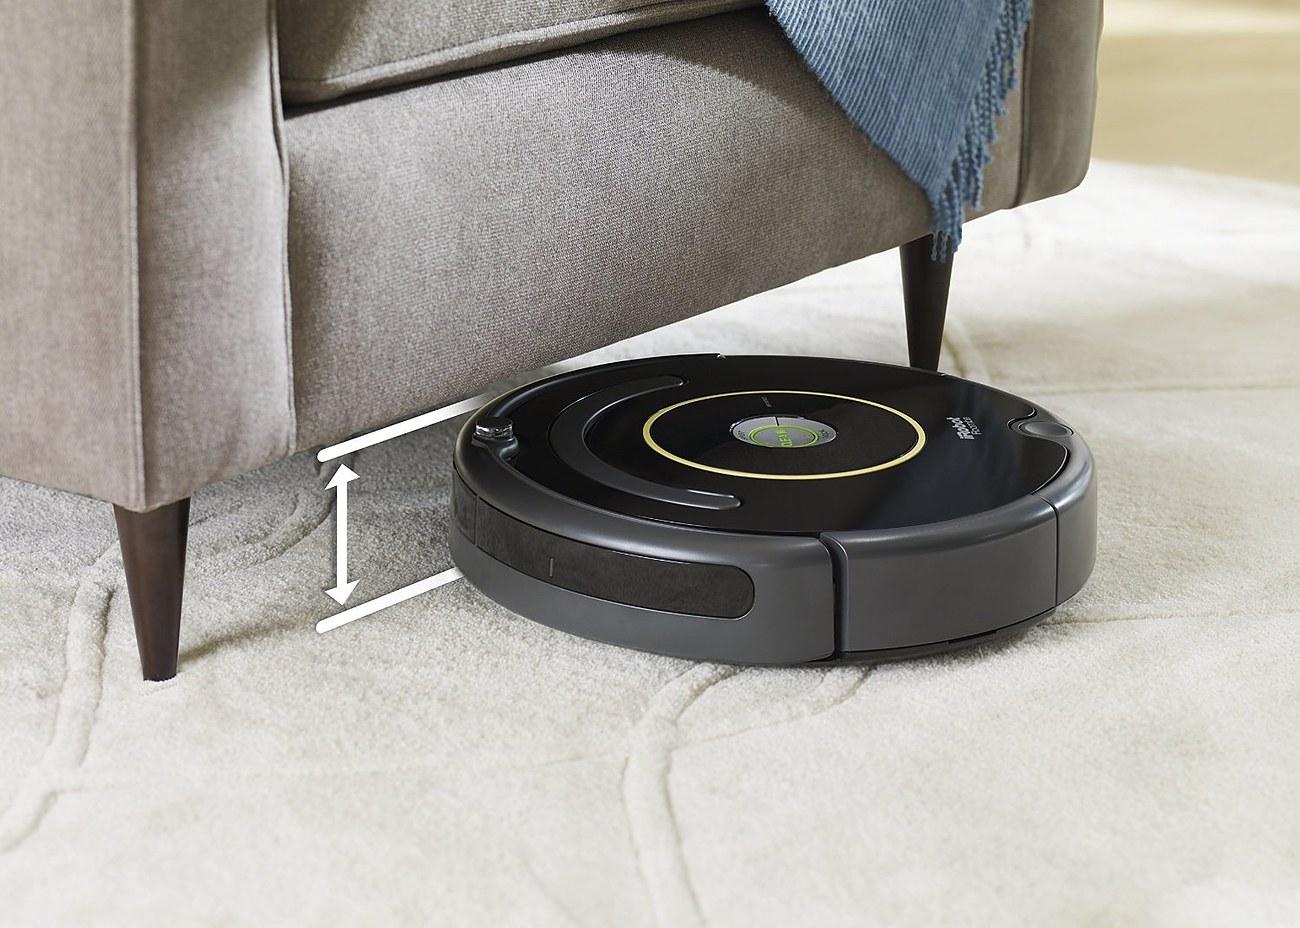 Irobot Roomba 614 Vacuum Cleaning Robot 187 Gadget Flow